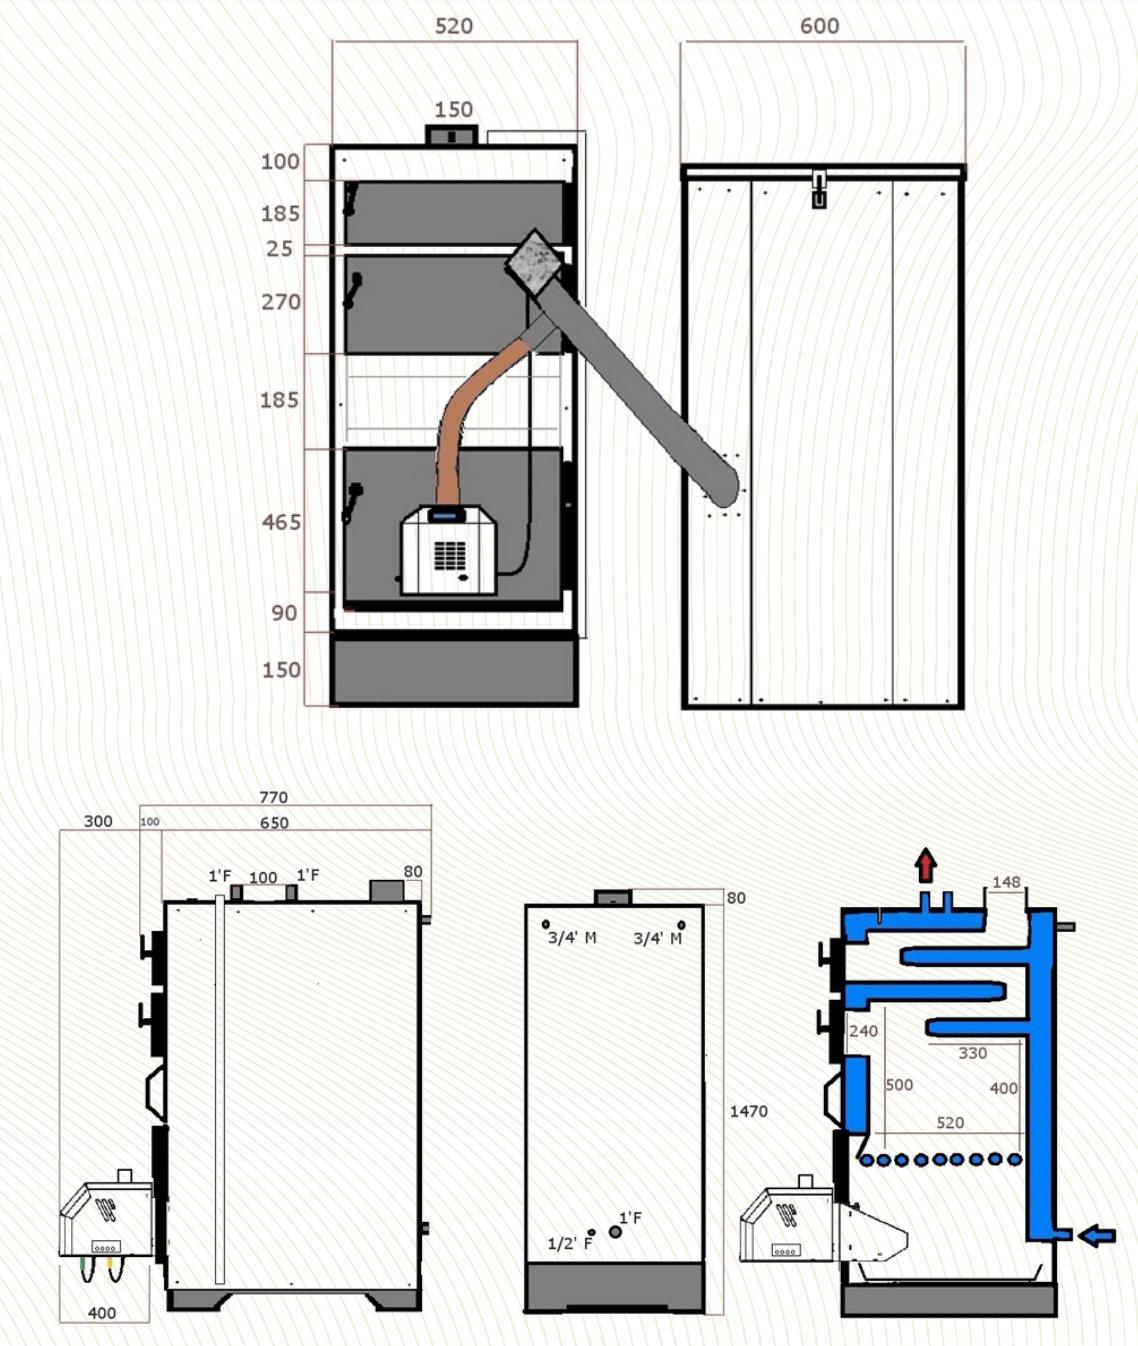 Shémas et dimensions chaudières mixte Eracles Duo, Par PilPoele